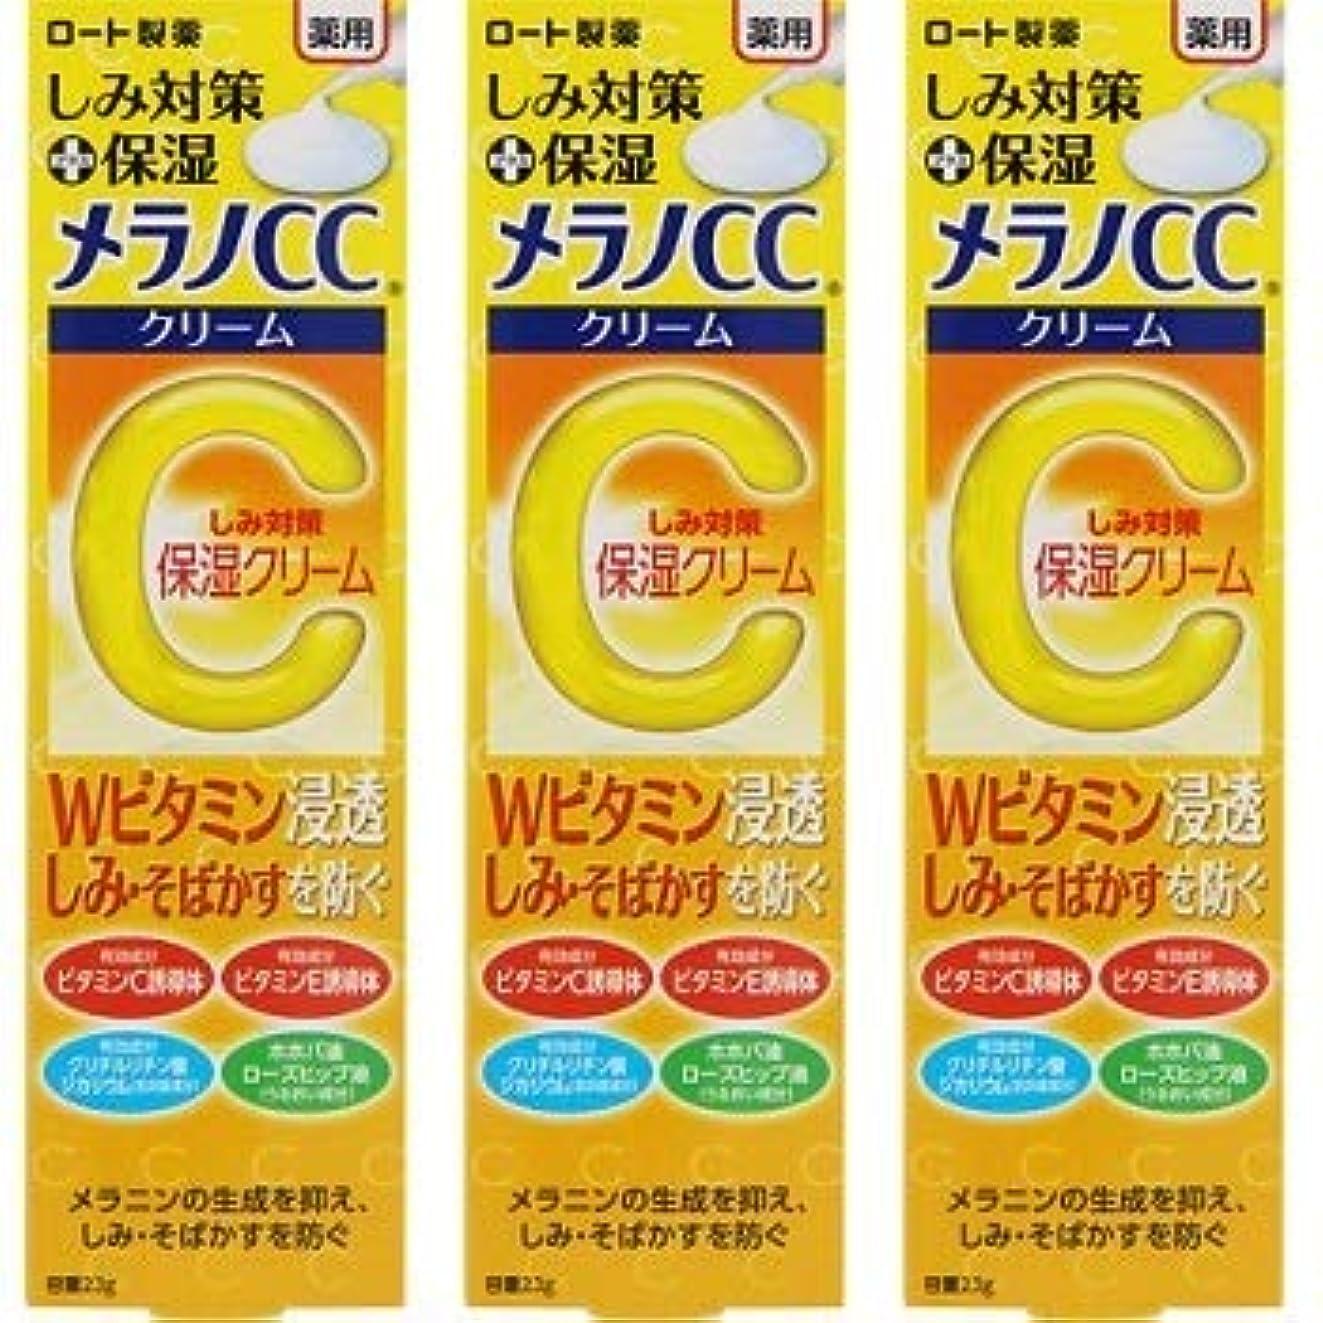 邪悪な桃タブレットメラノCC 薬用しみ対策 保湿クリーム 23g×3個セット